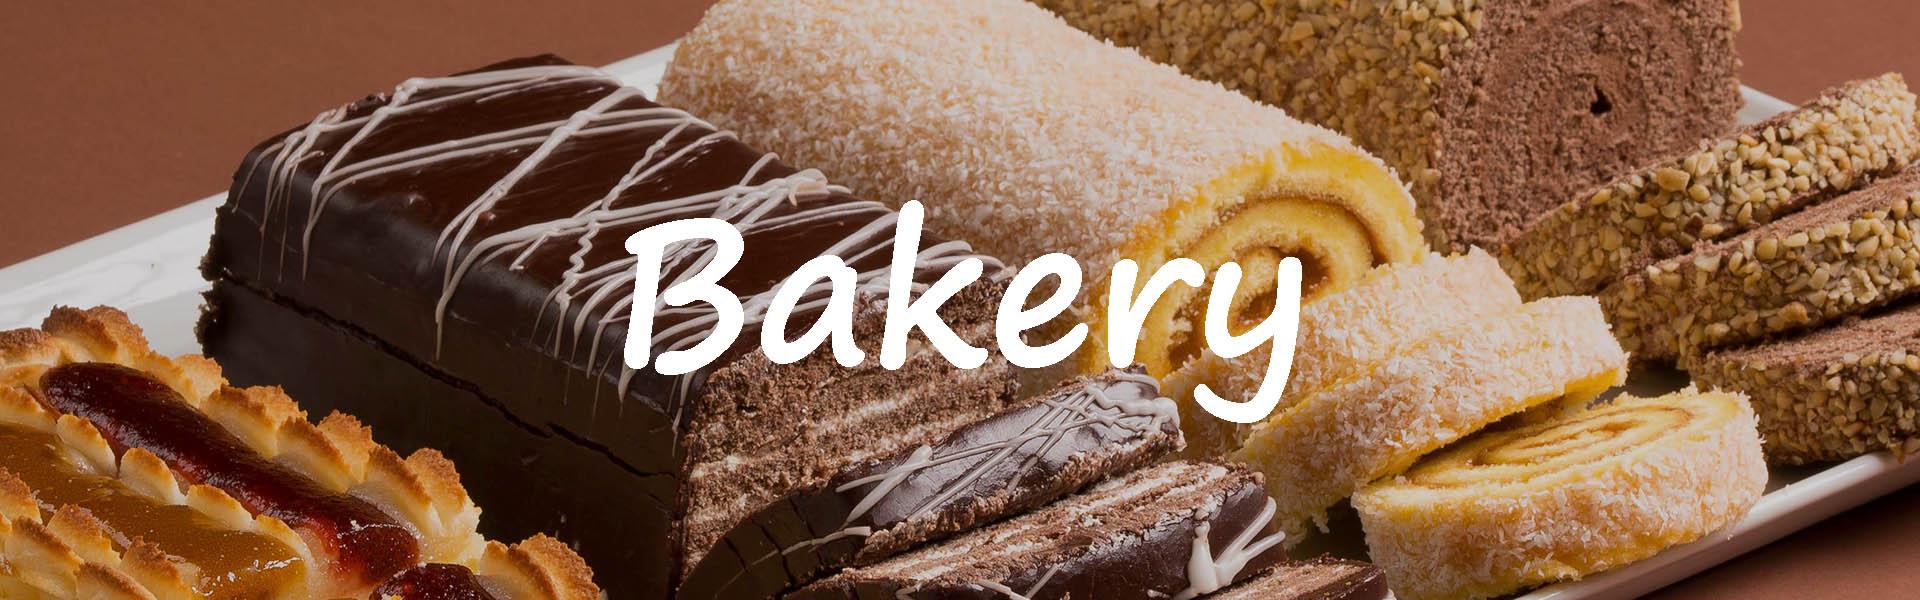 web-ready-bakery-3